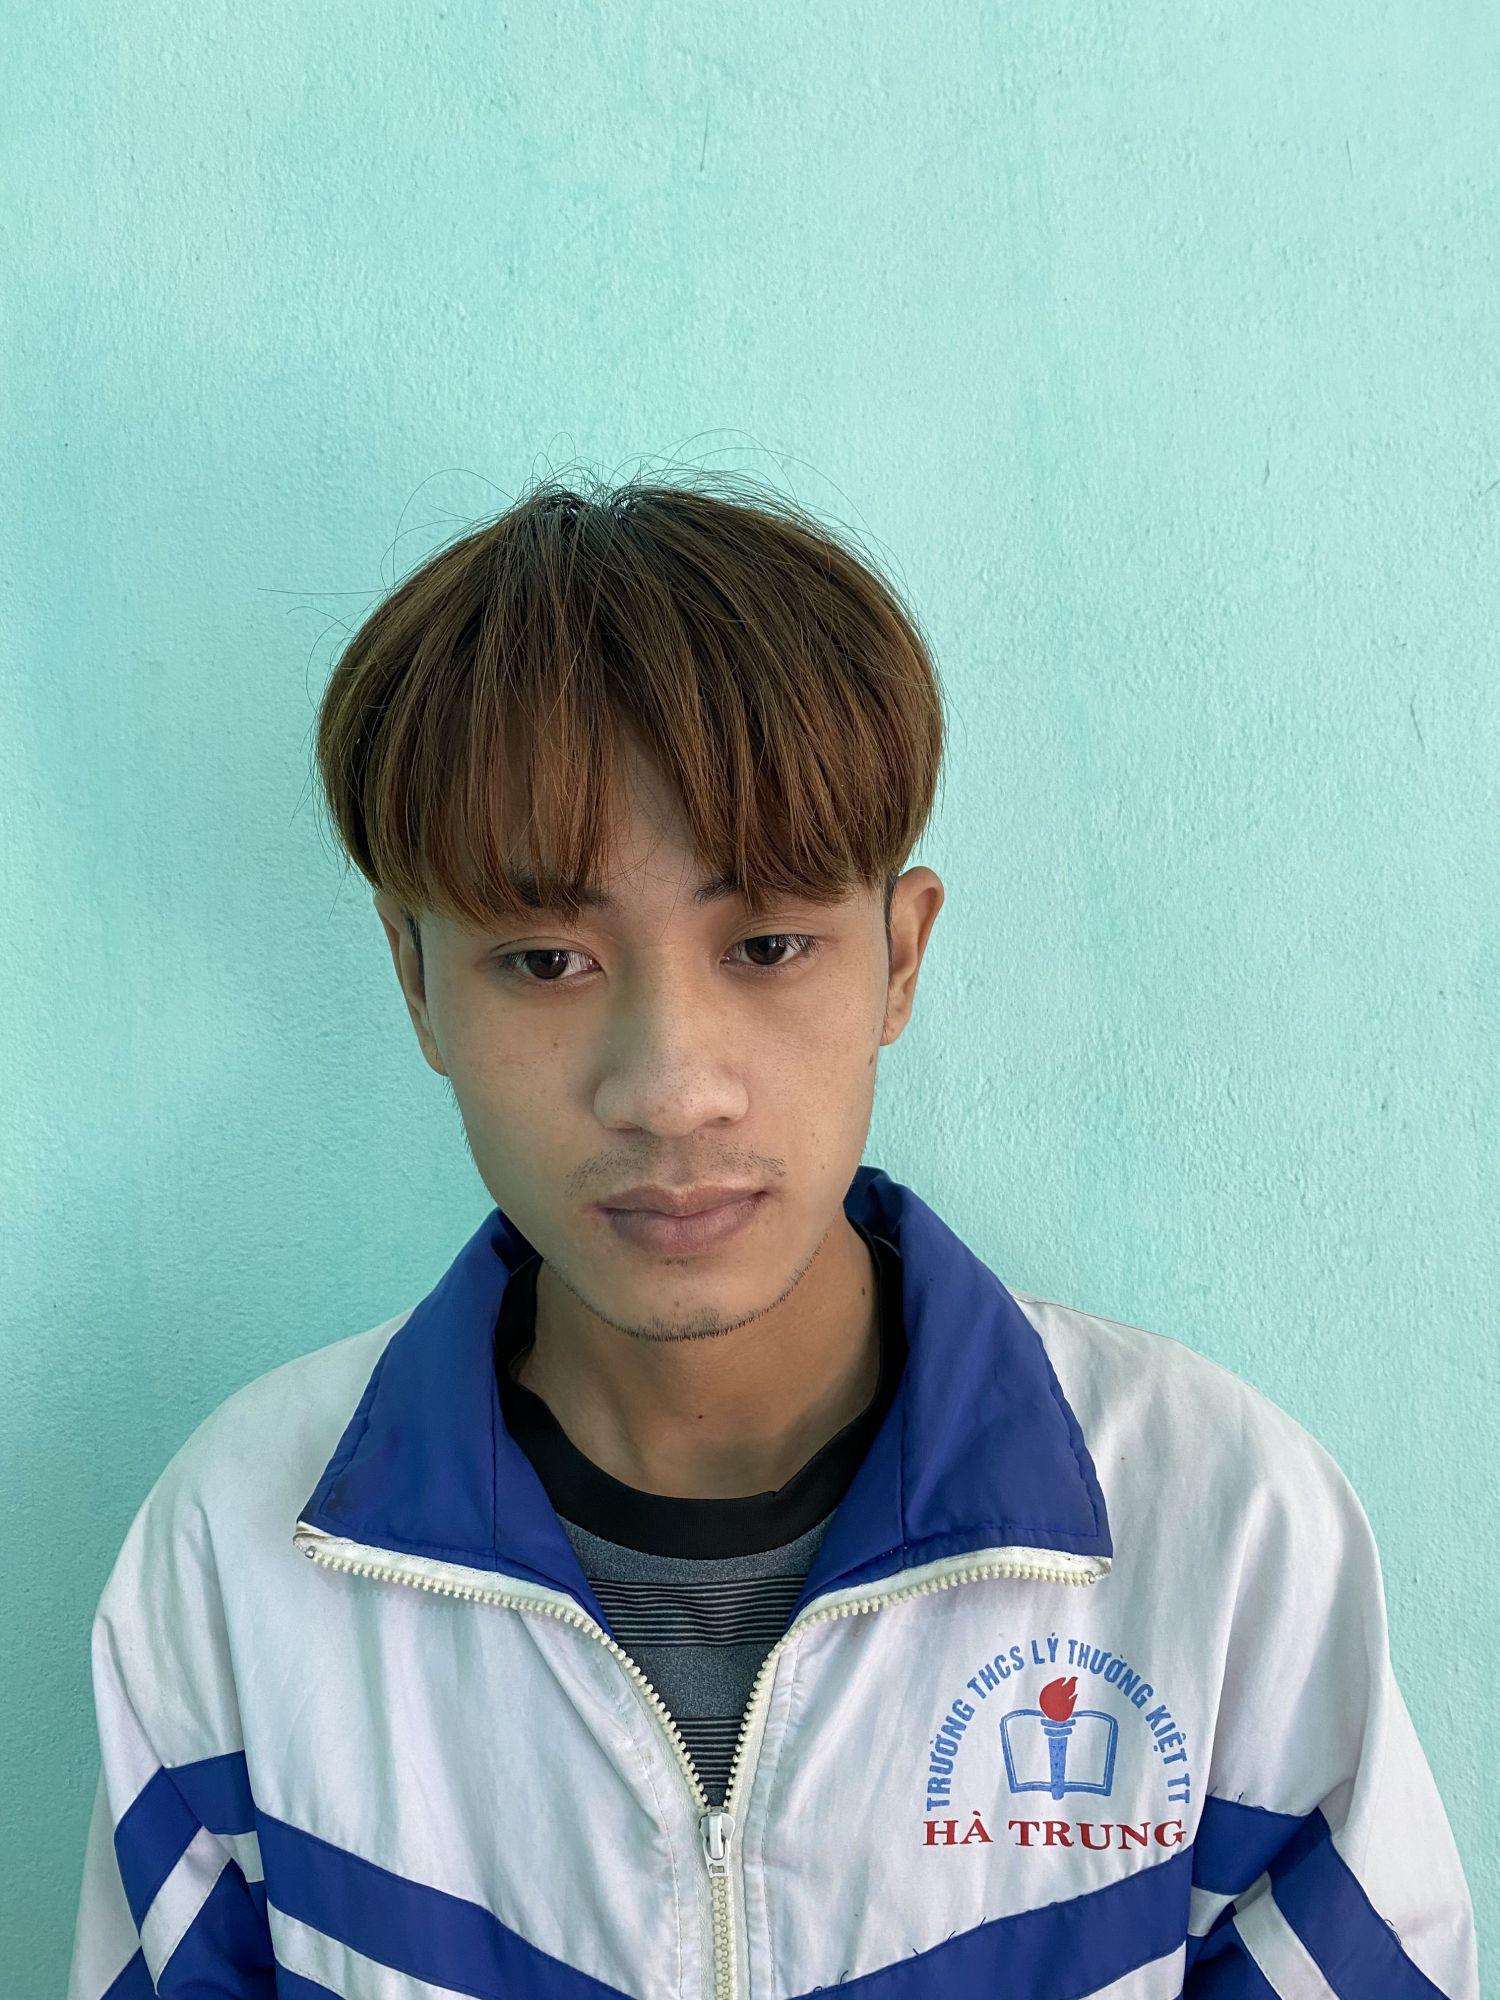 Thanh Hóa: Đã bắt được hung thủ sát hại hai vợ chồng ông bà lão ở Hà Trung - Ảnh 1.